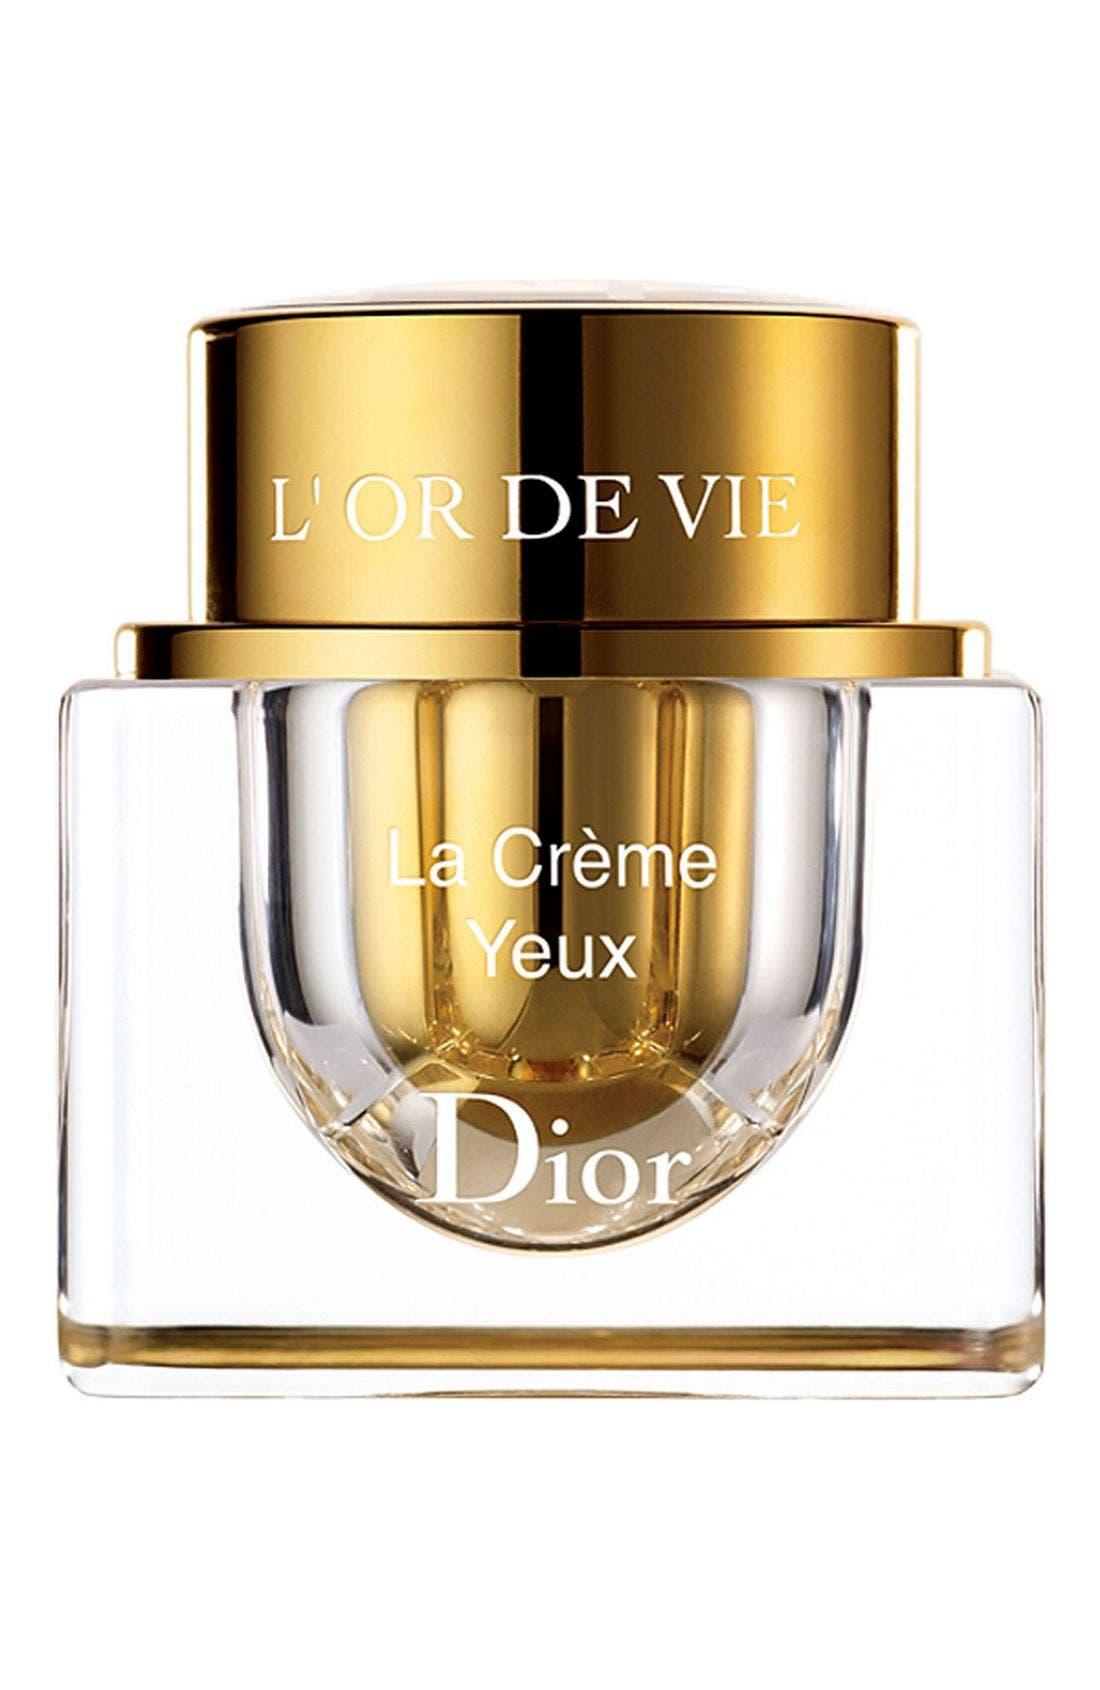 Dior 'L'Or de Vie' Eye Creme